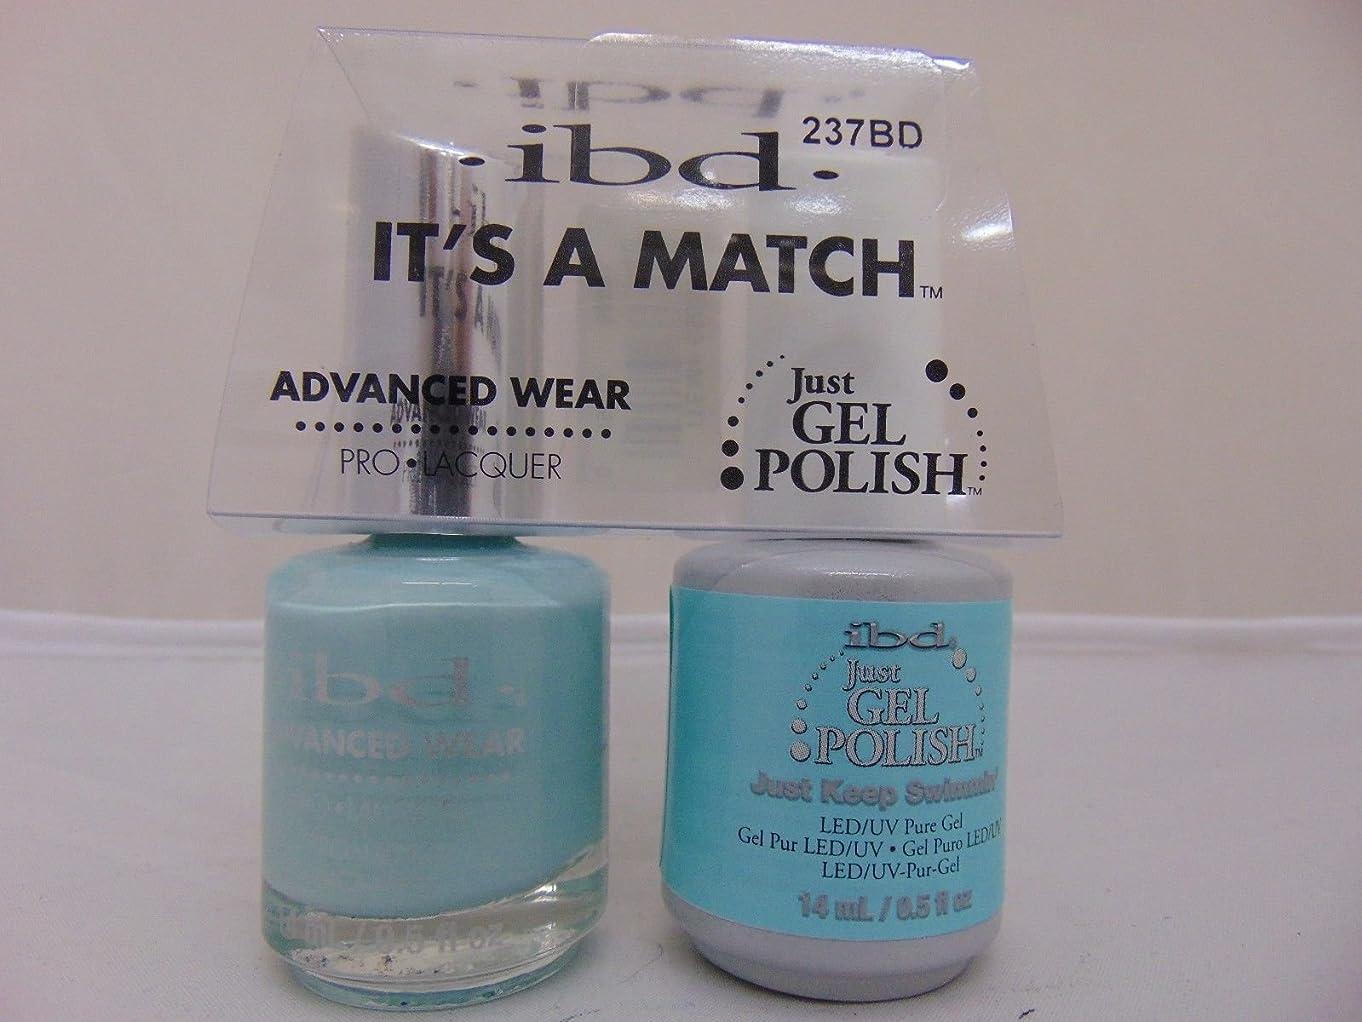 改善バースト怖がって死ぬibd - It's A Match -Duo Pack- Just Keep Swimmin' - 14 mL / 0.5 oz Each